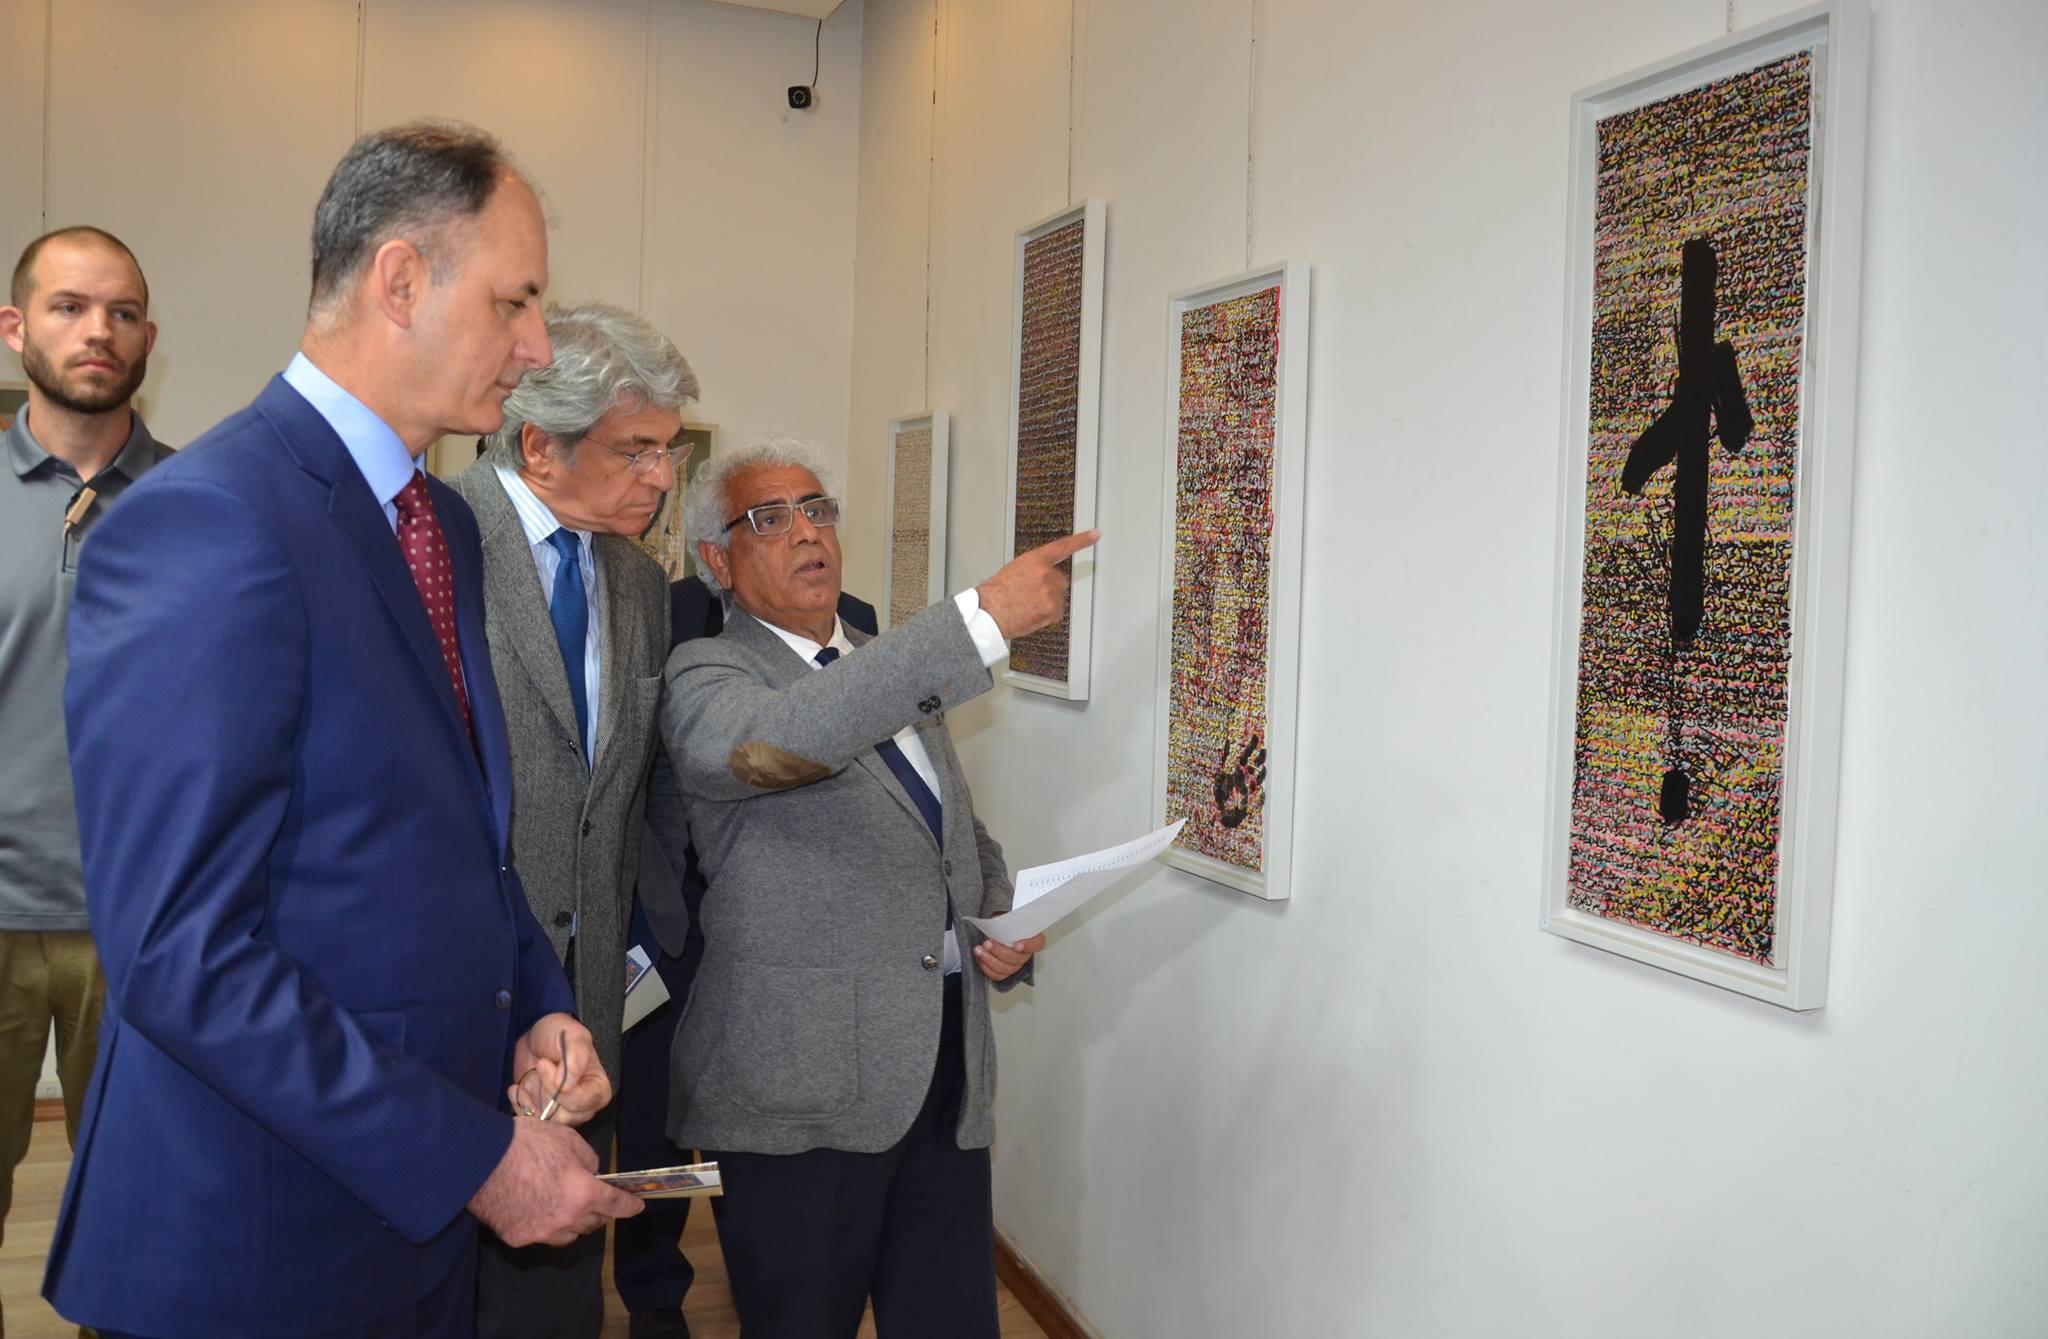 افتتاح المعرض الشخصي الأول للفنان والشاعر د. شوقي عبد الأمير